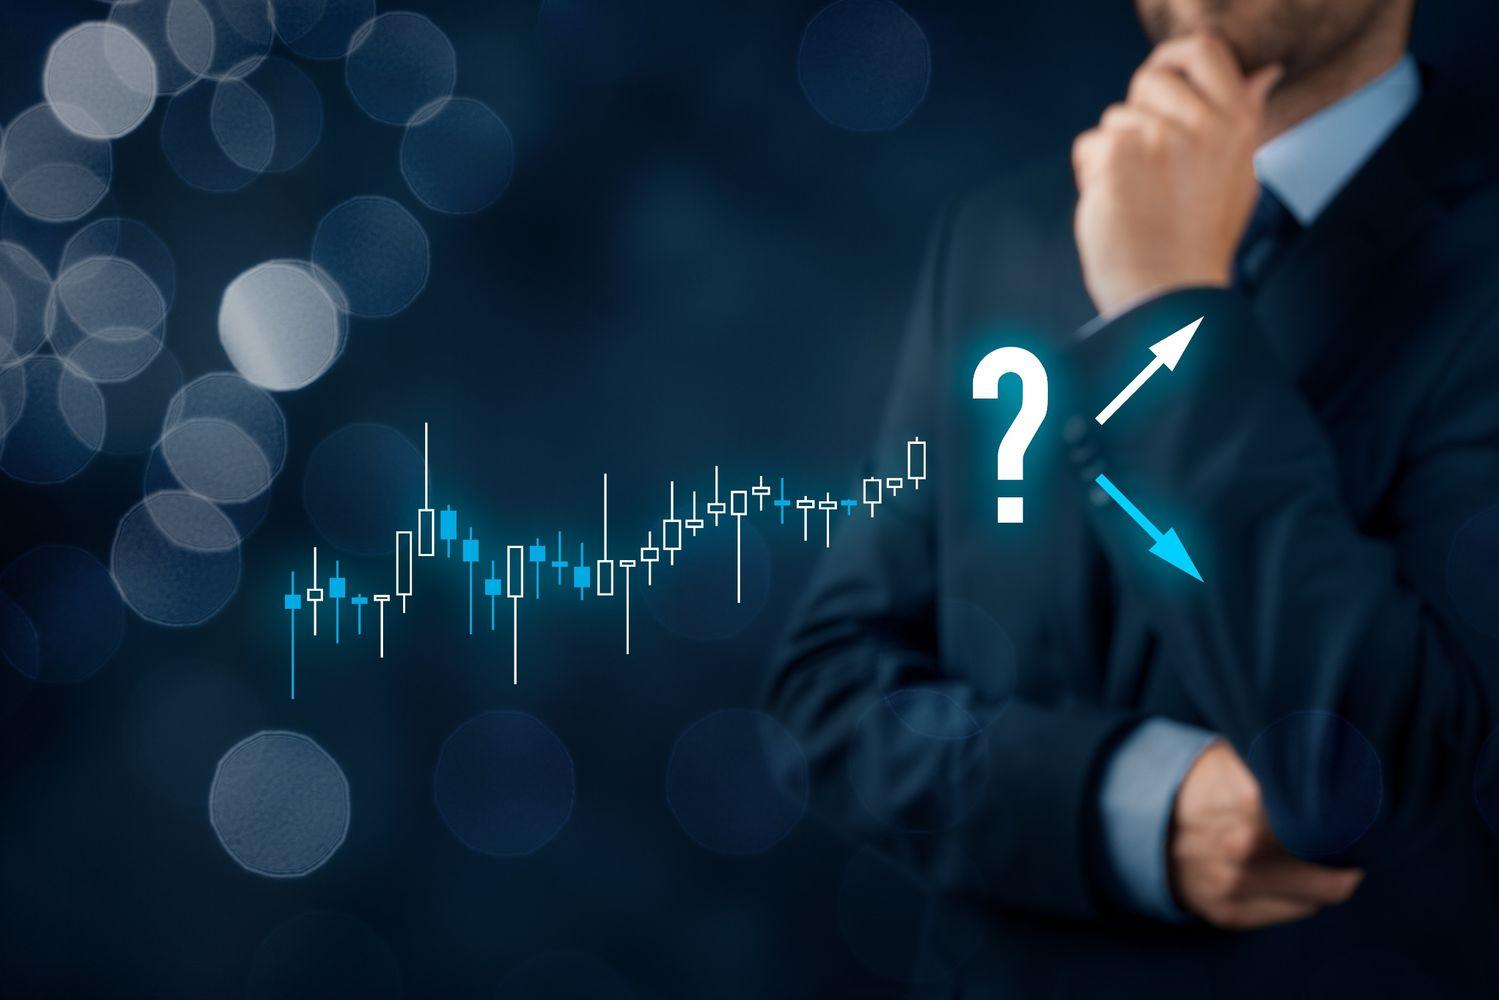 El peligro del exceso de confianza en las inversiones